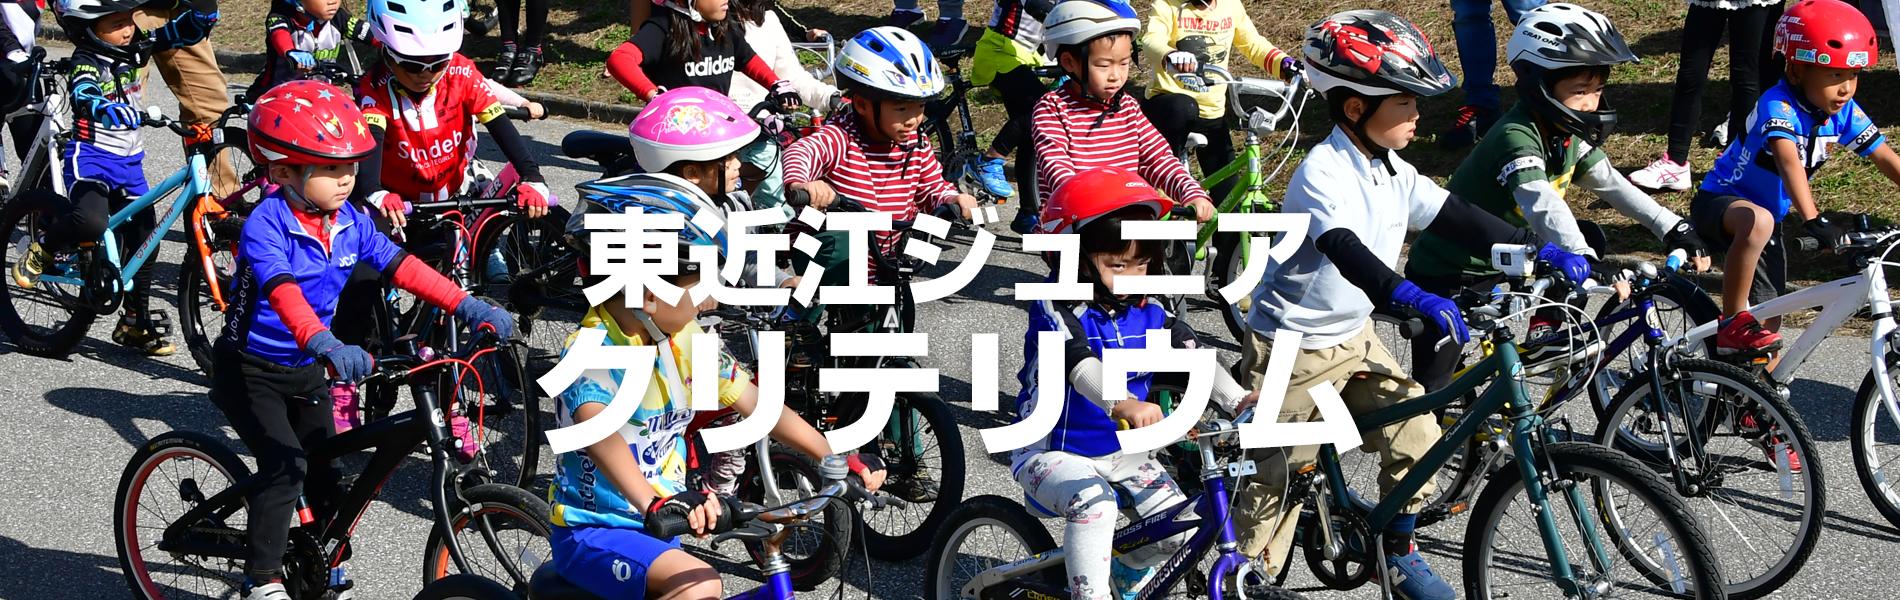 「東近江ジュニアクリテリウム」本大会は、2025年に開催予定の滋賀国民スポーツ大会時に主力選手となる高校生以下の選手の心身の鍛練と高揚を図り、日頃の修練の成果をクリテリウム(ロード・レースの1種目)競技独特のレースで試し、世界に飛躍する選手の養成の一助とします。また、東近江市の自然を体感しながら走ることにより、東近江市のPRを図り地域経済の発展を促 すことを目的とします。